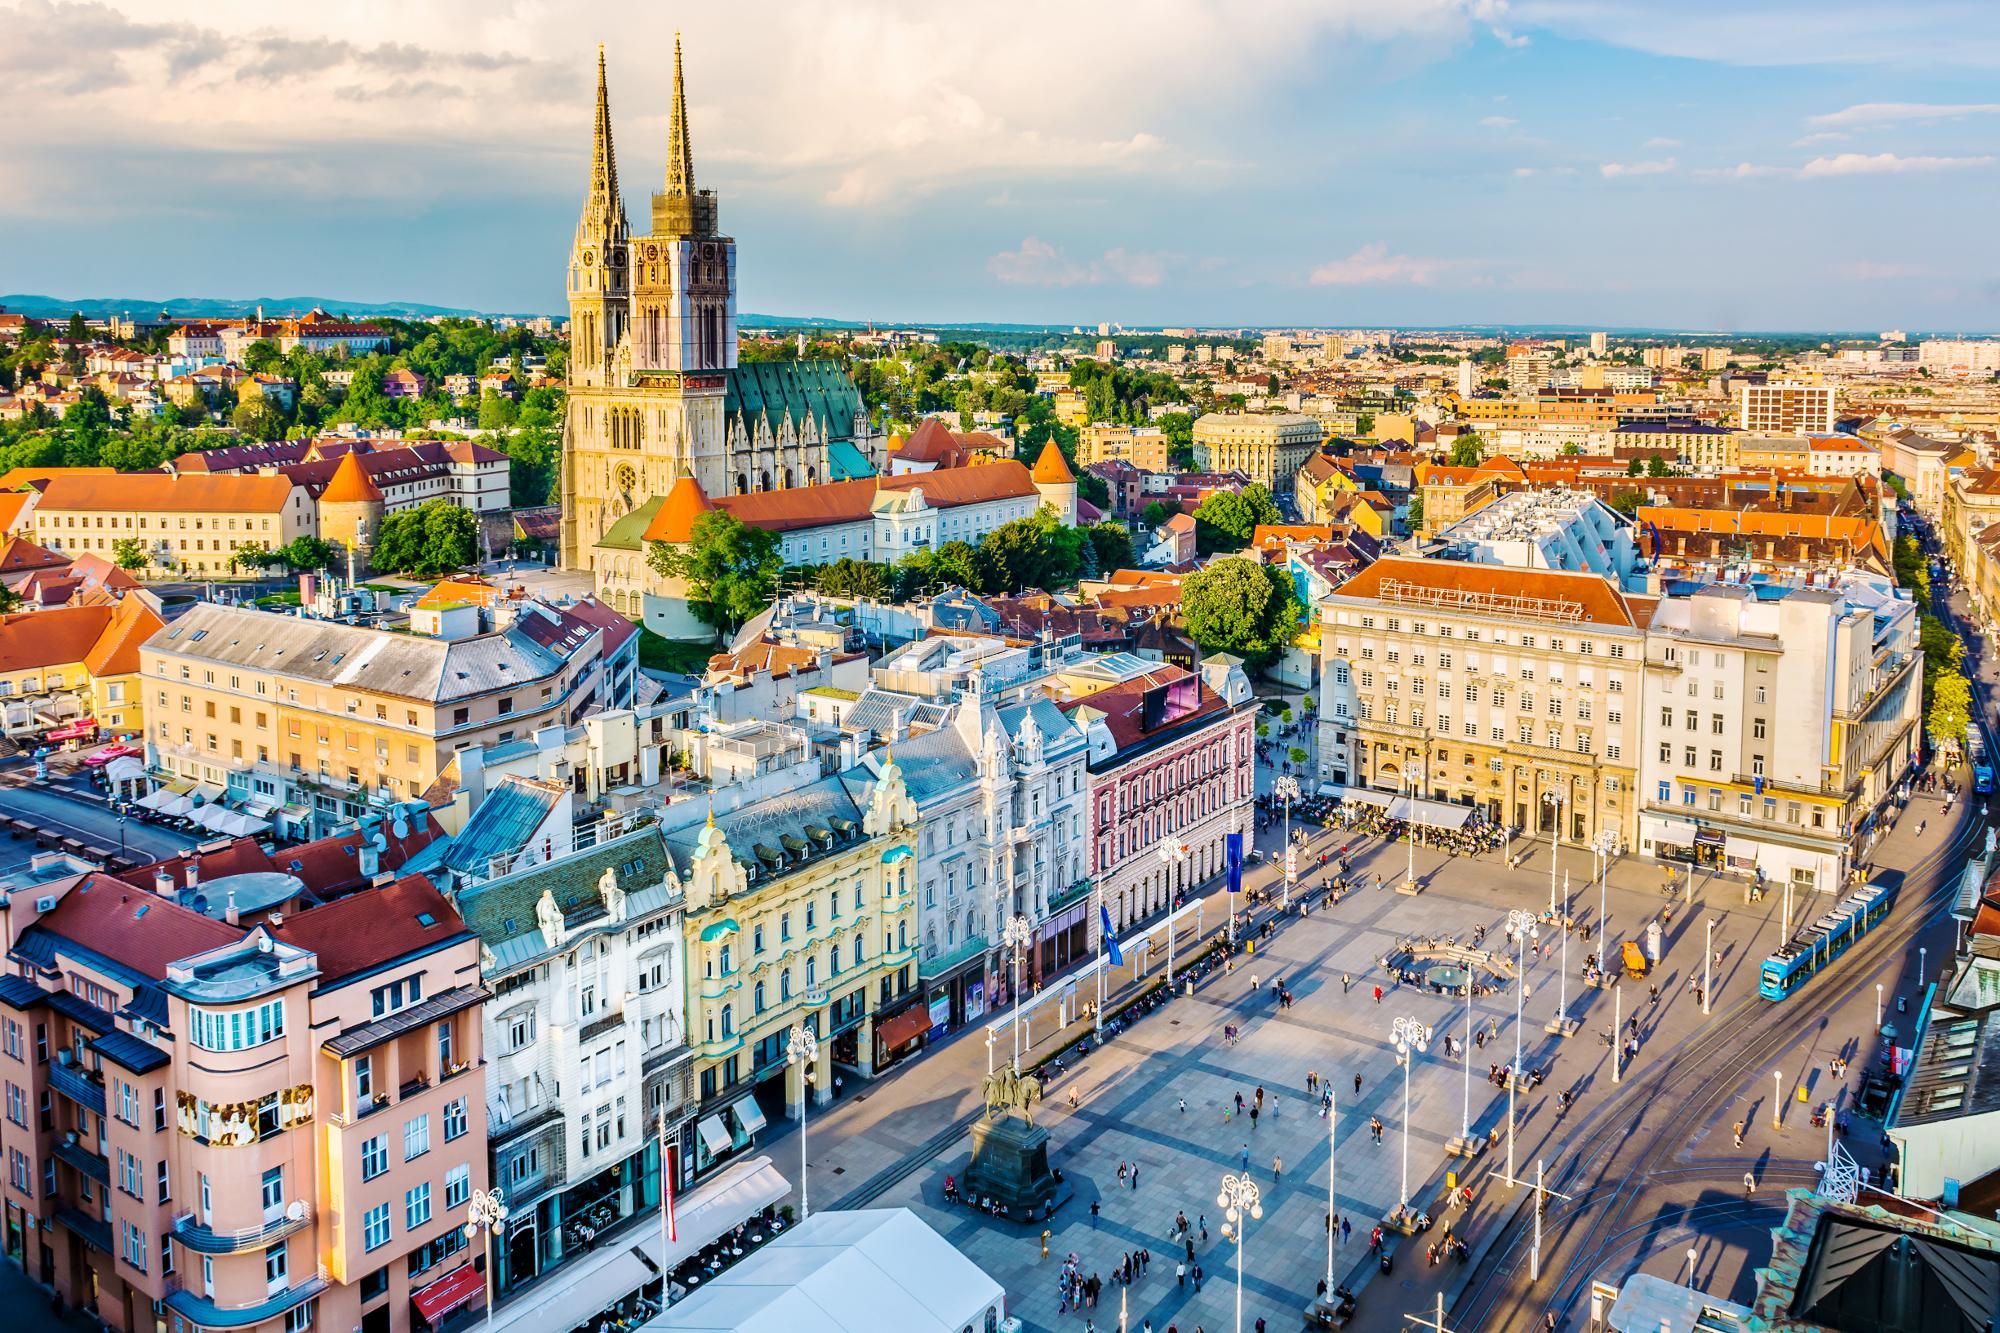 Архитектурные достопримечательности Загреба привлекают многих путешественников